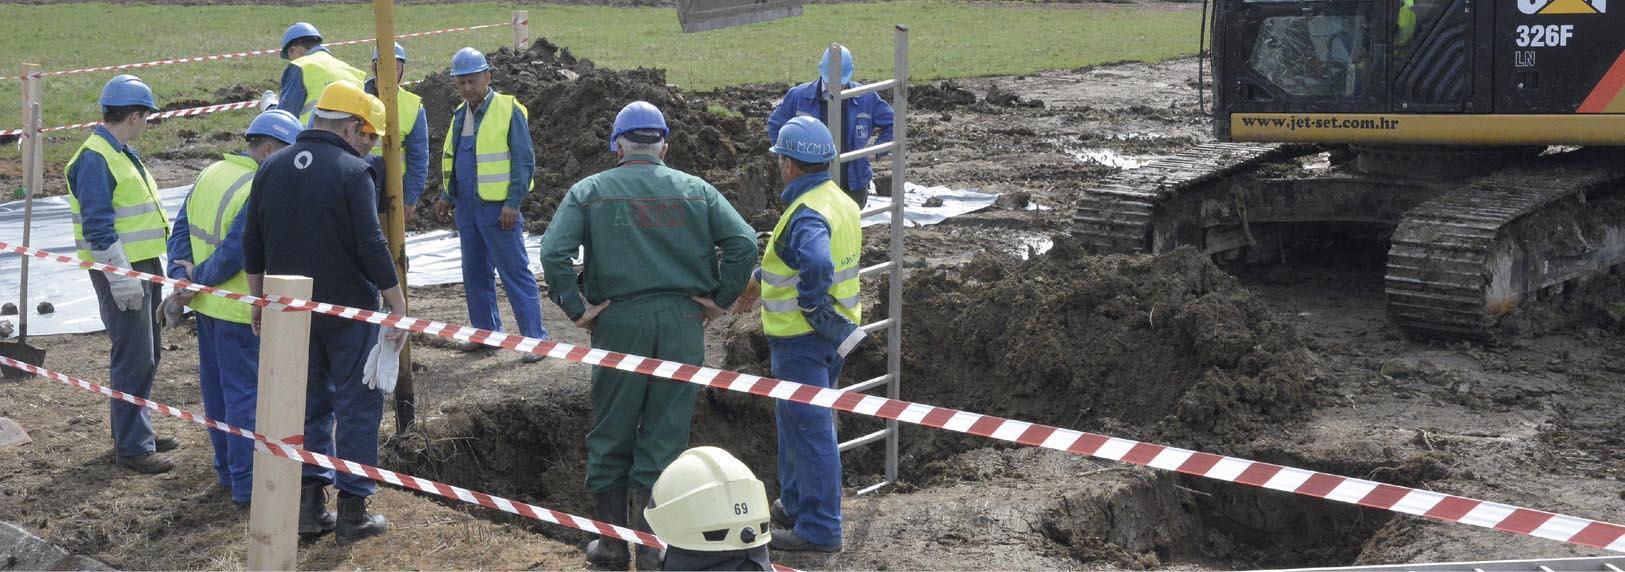 'Brine indolencija institucija za situaciju u Slavonskom Brodu'